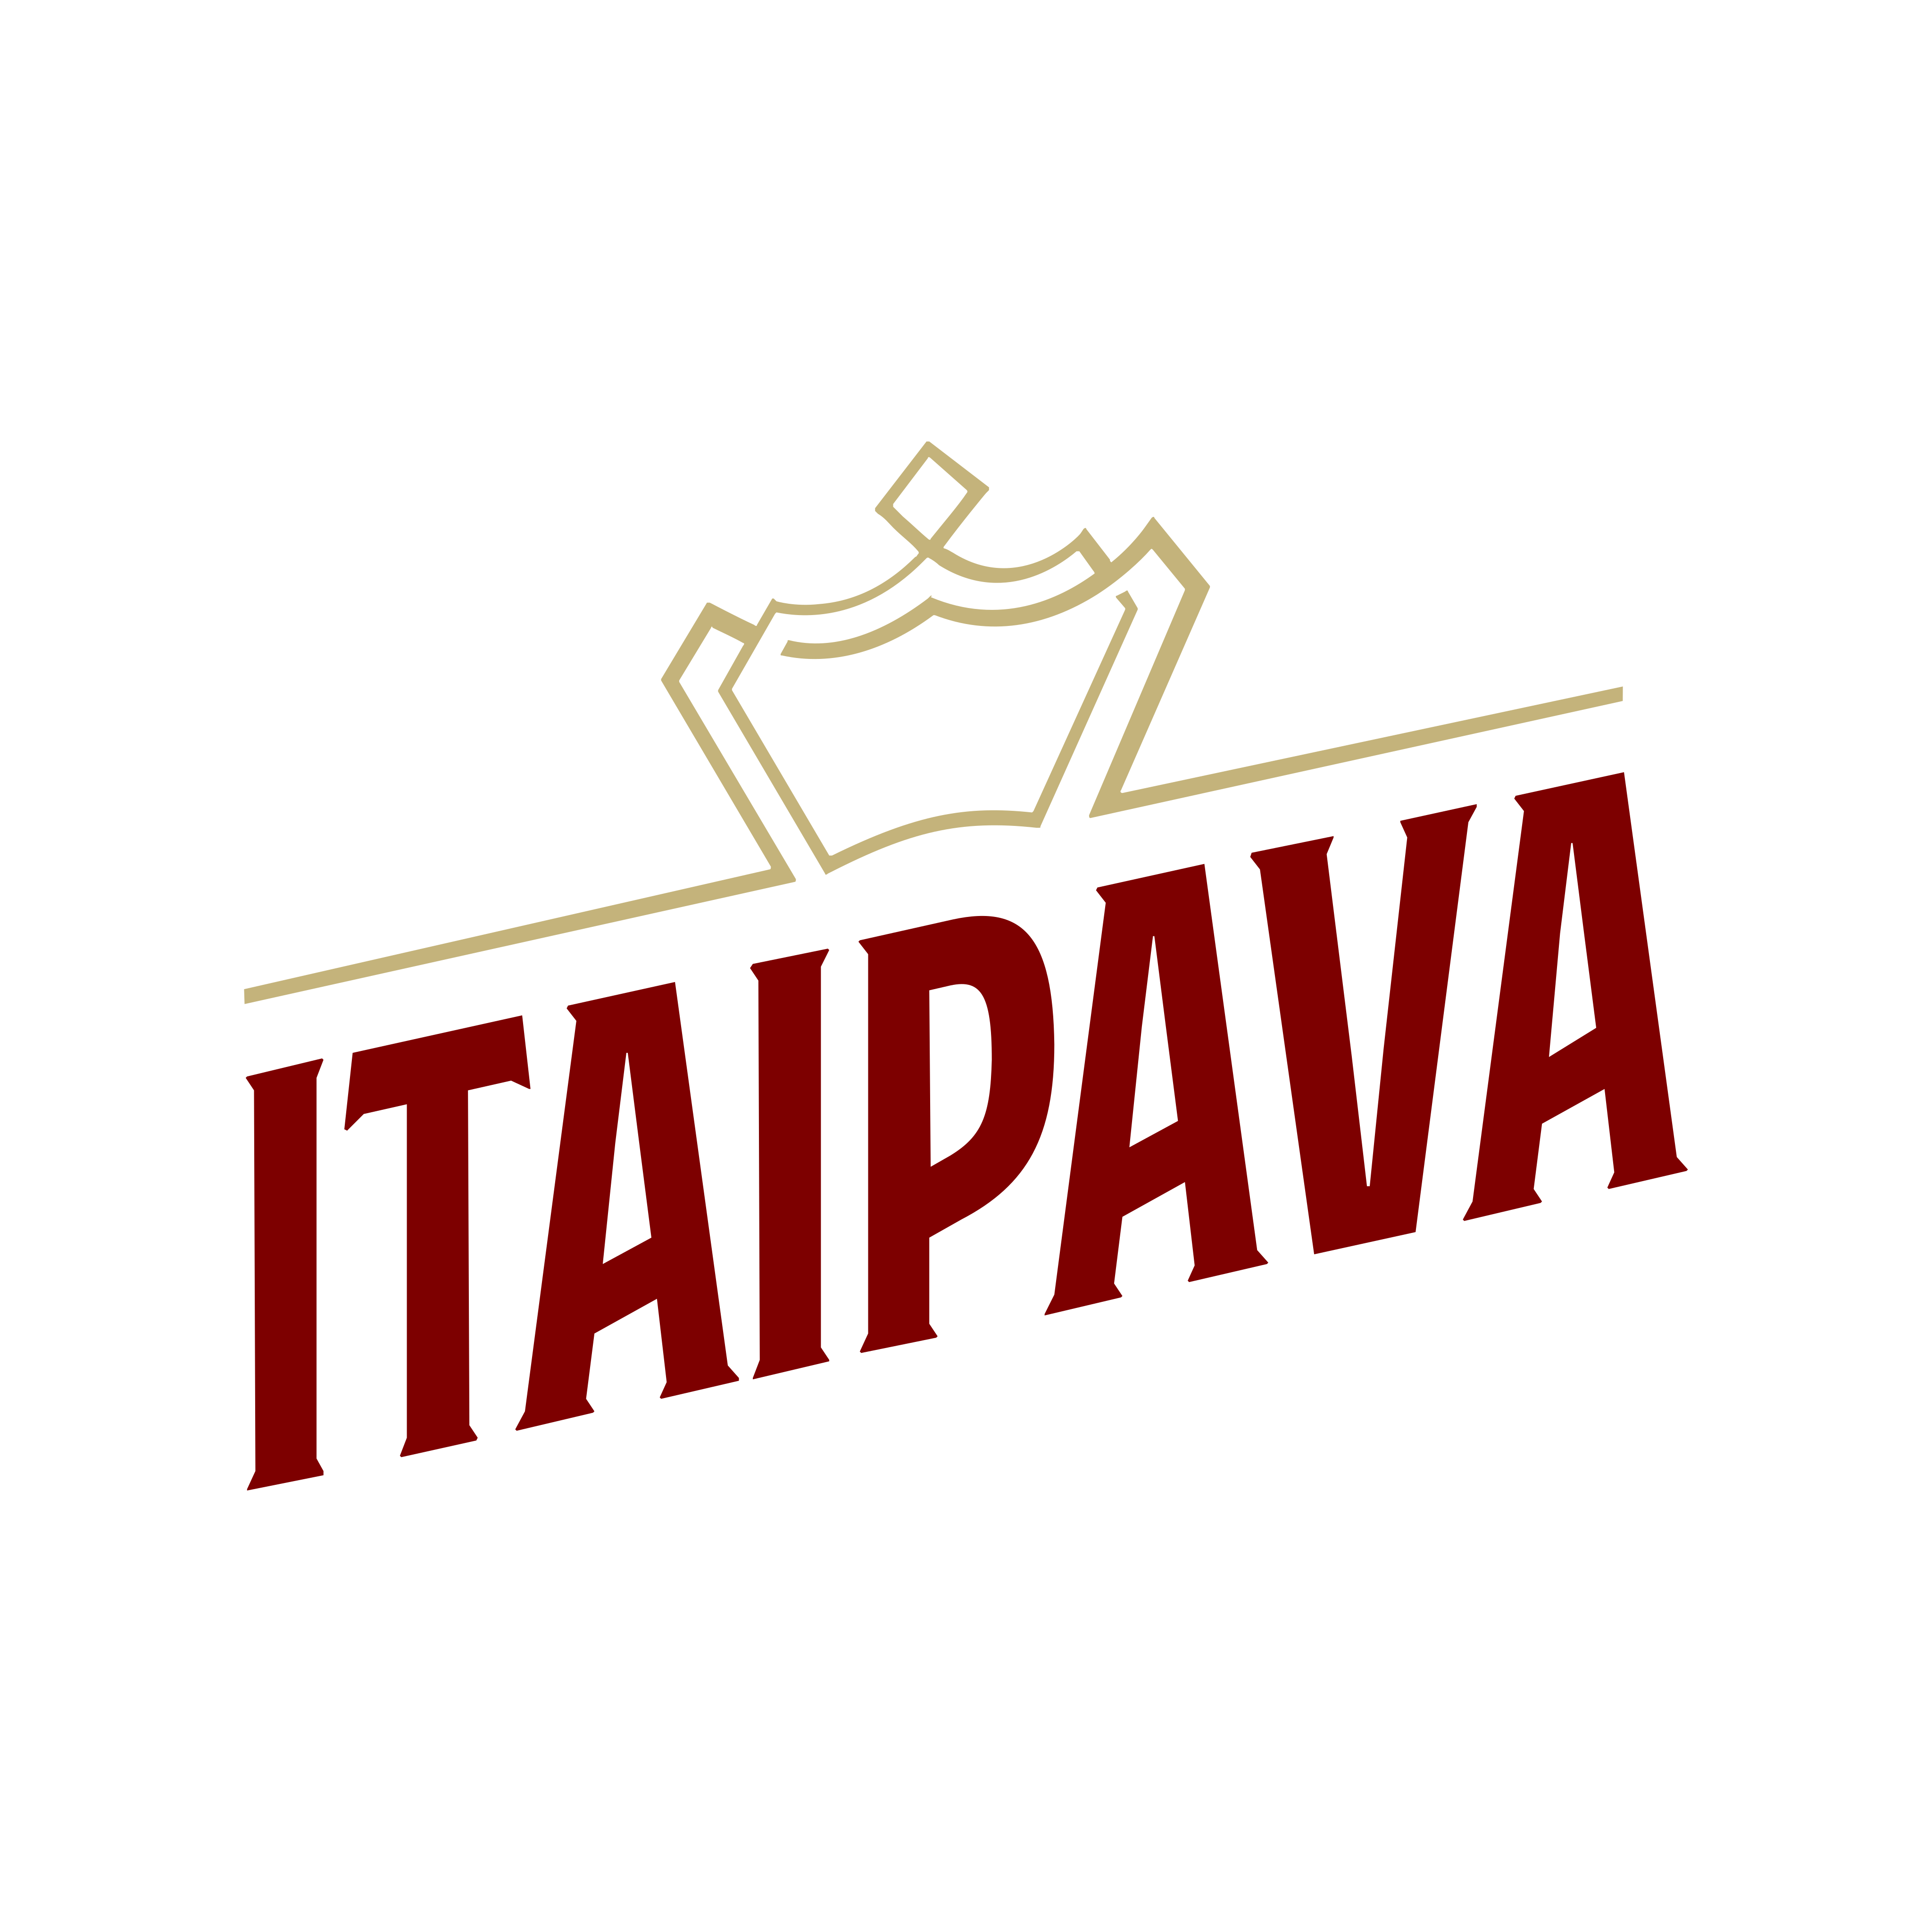 itaipava logo 0 - Itaipava Logo